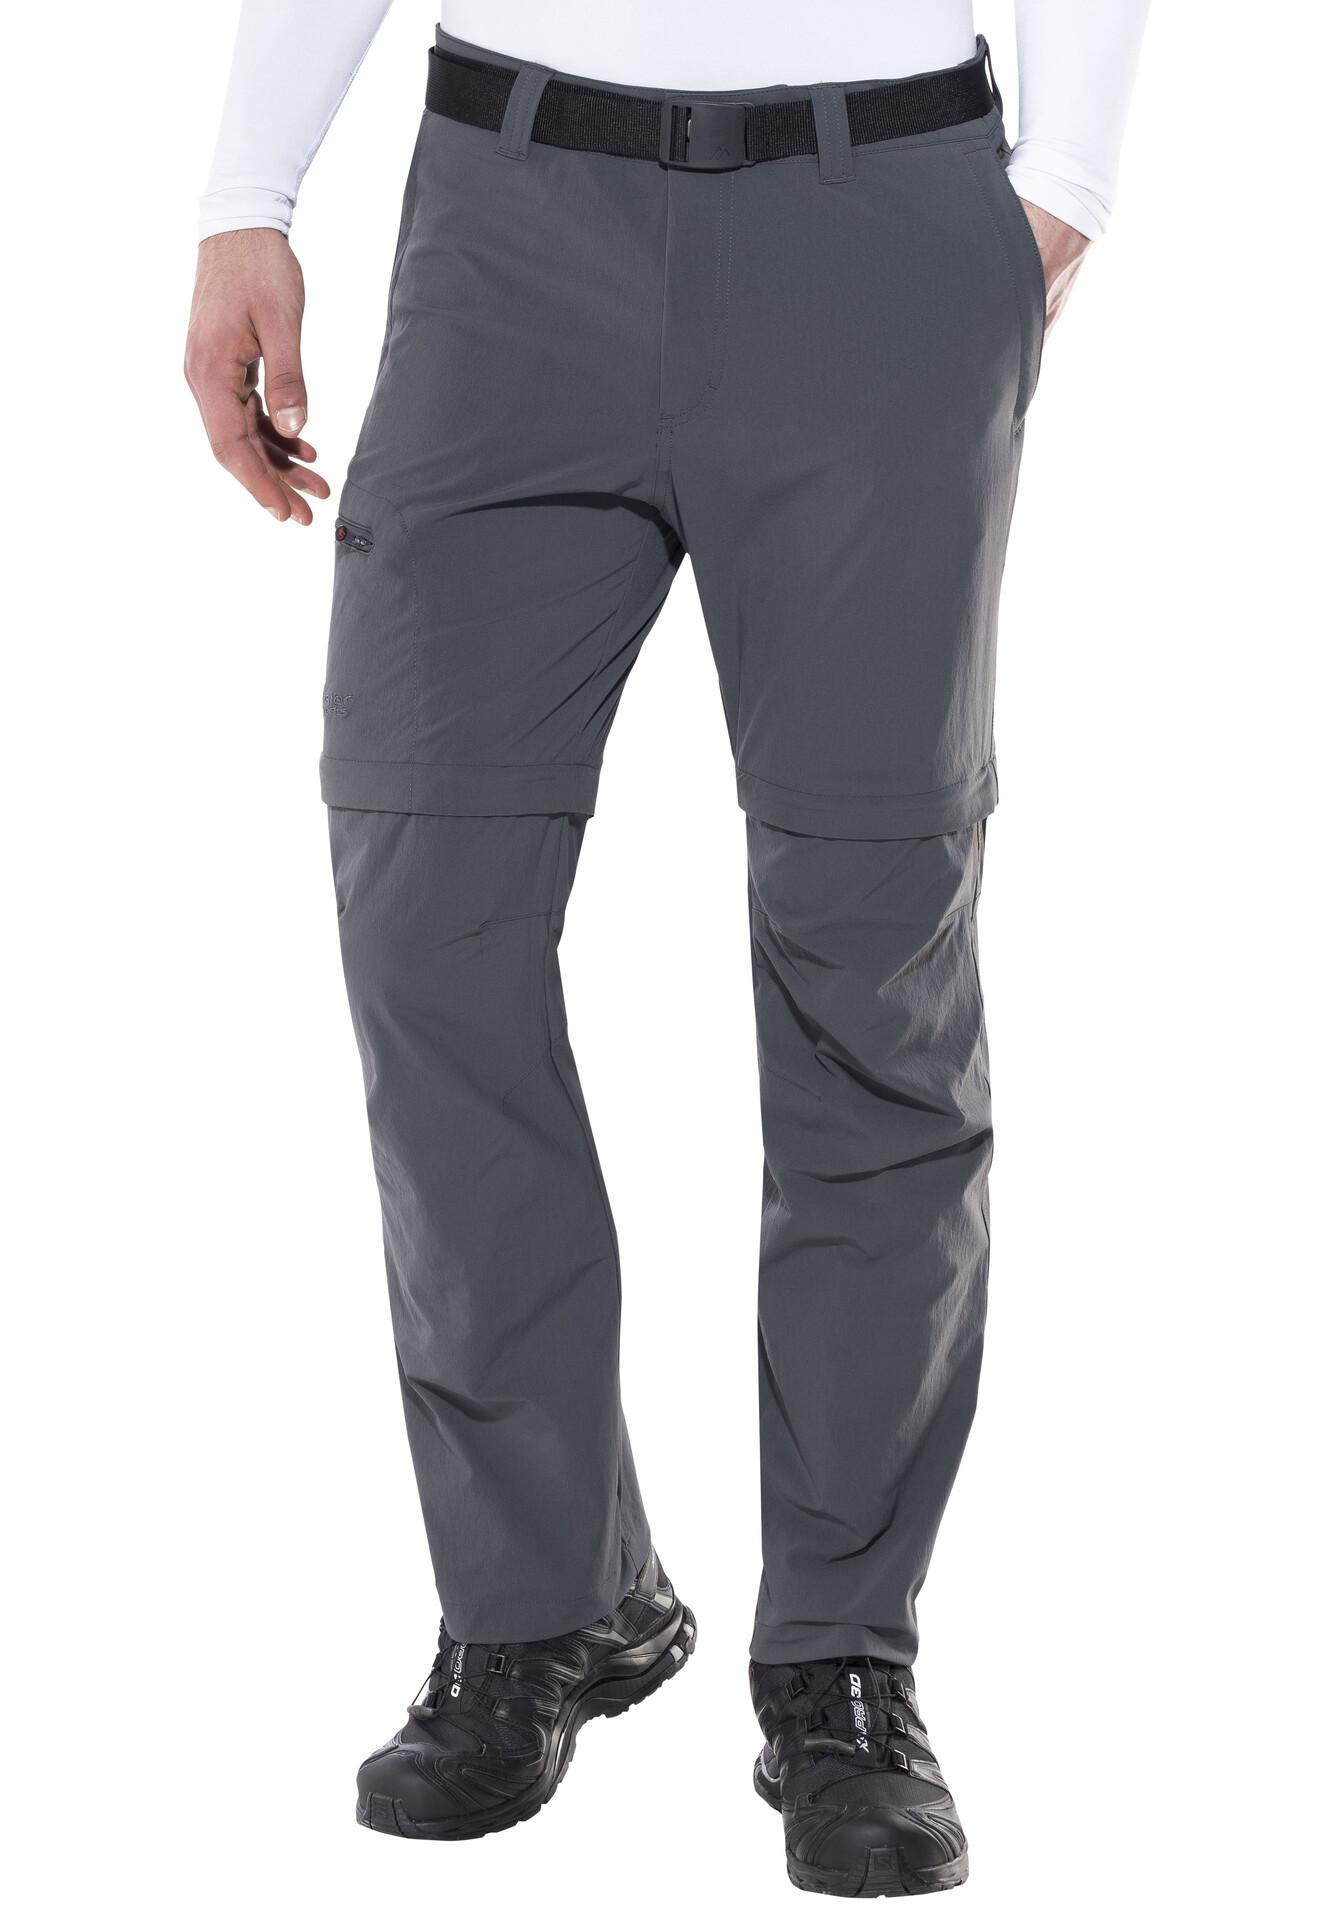 Pantalon Homme Long 2 Maier Tajo Gris Sports shoQrdBtCx